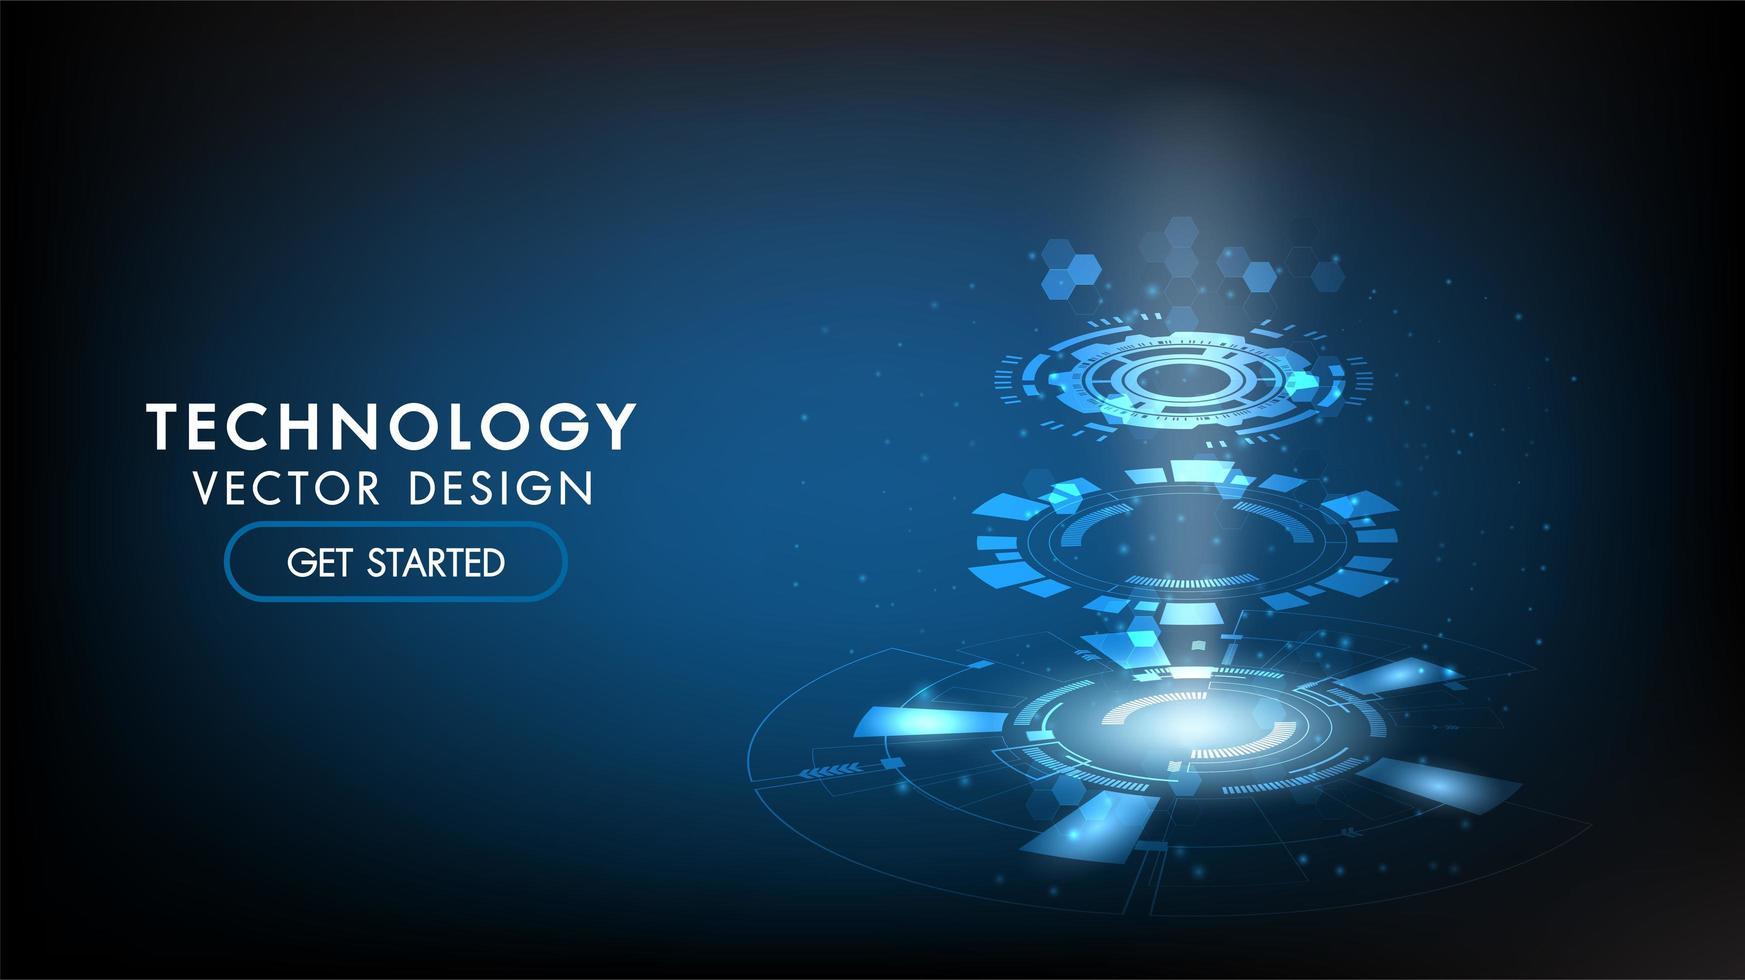 Resumen de antecedentes de la tecnología de alta tecnología de la comunicación concepto de tecnología vector